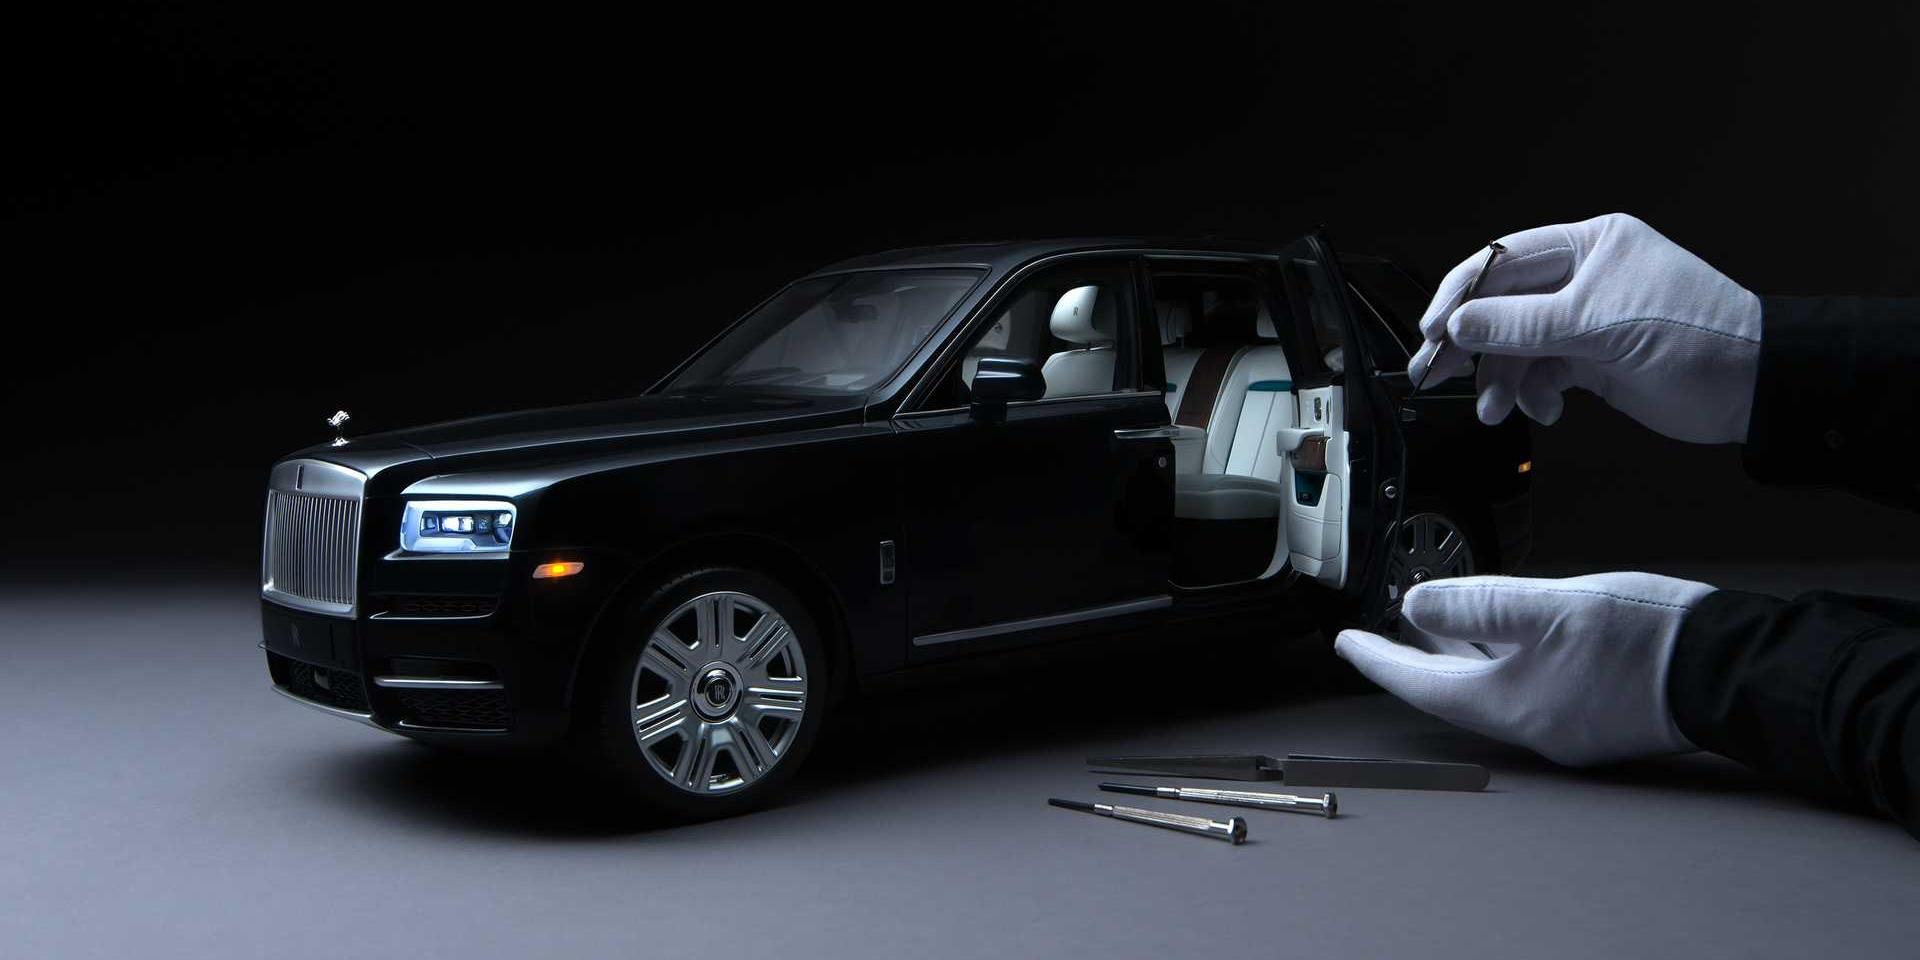 連模型都買不起!Rolls-Royce Cullinan 1:8訂製模型超精緻!